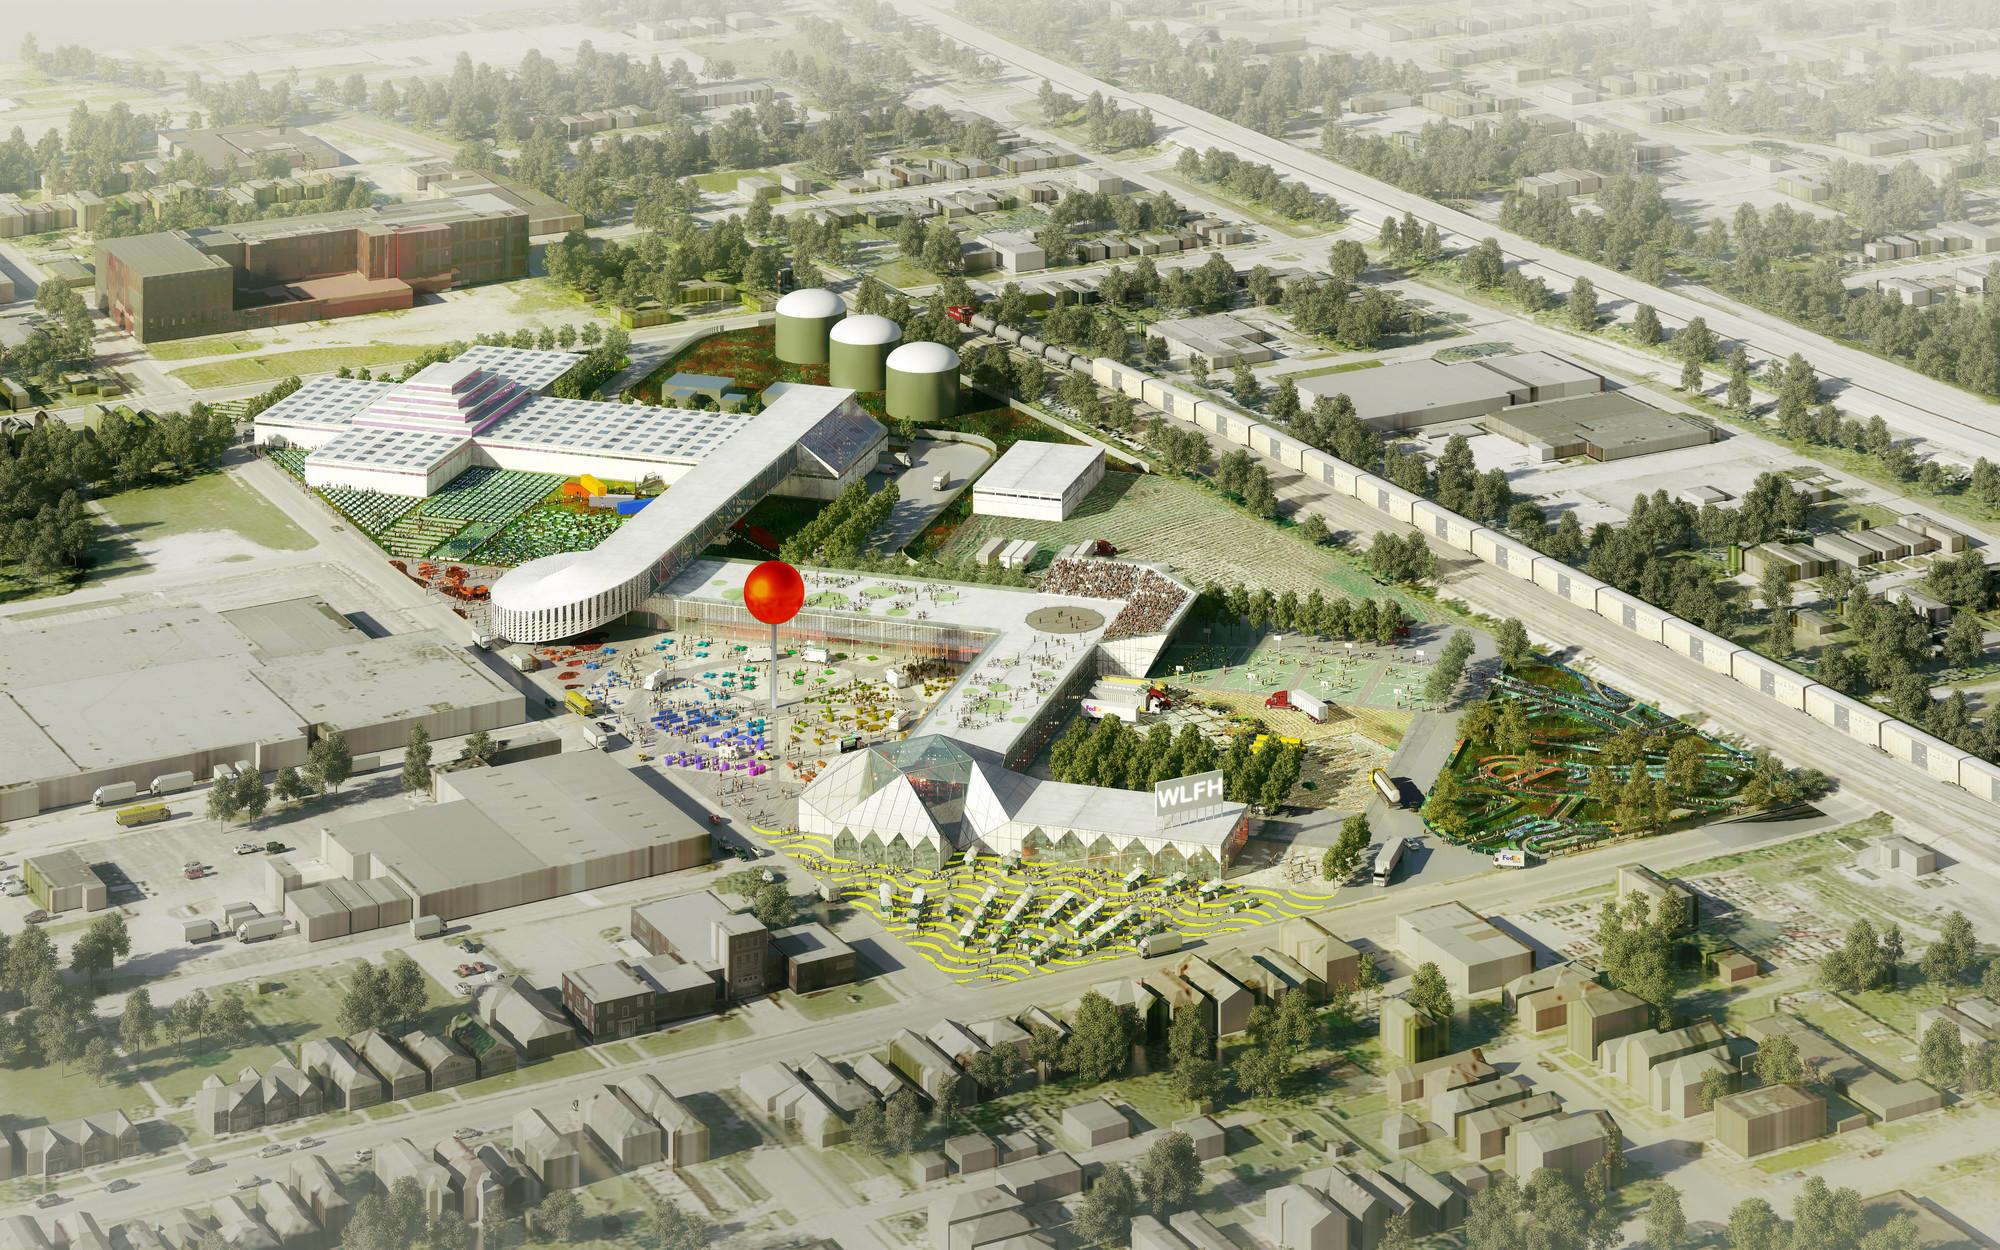 Galeria De 12 Projetos Que Explicam O Urbanismo